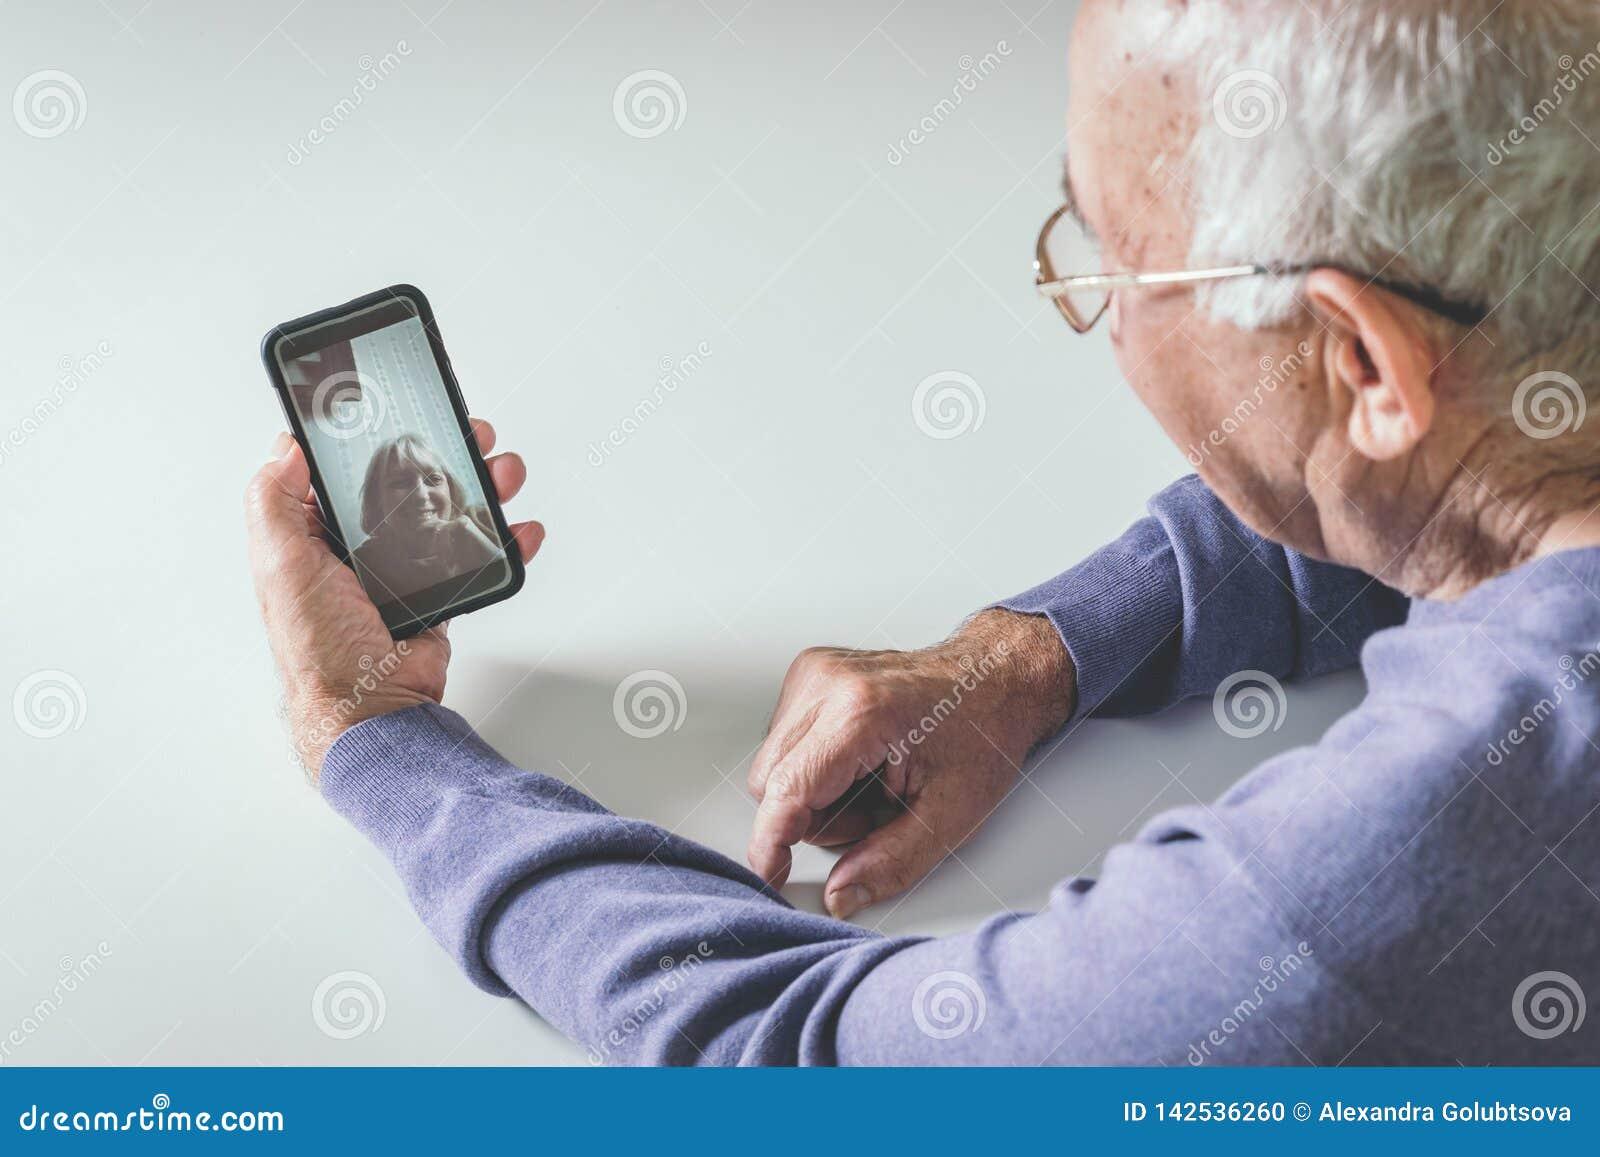 Συνταξιούχο άτομο που χρησιμοποιεί τις τεχνολογίες υπολογιστών στο σπίτι